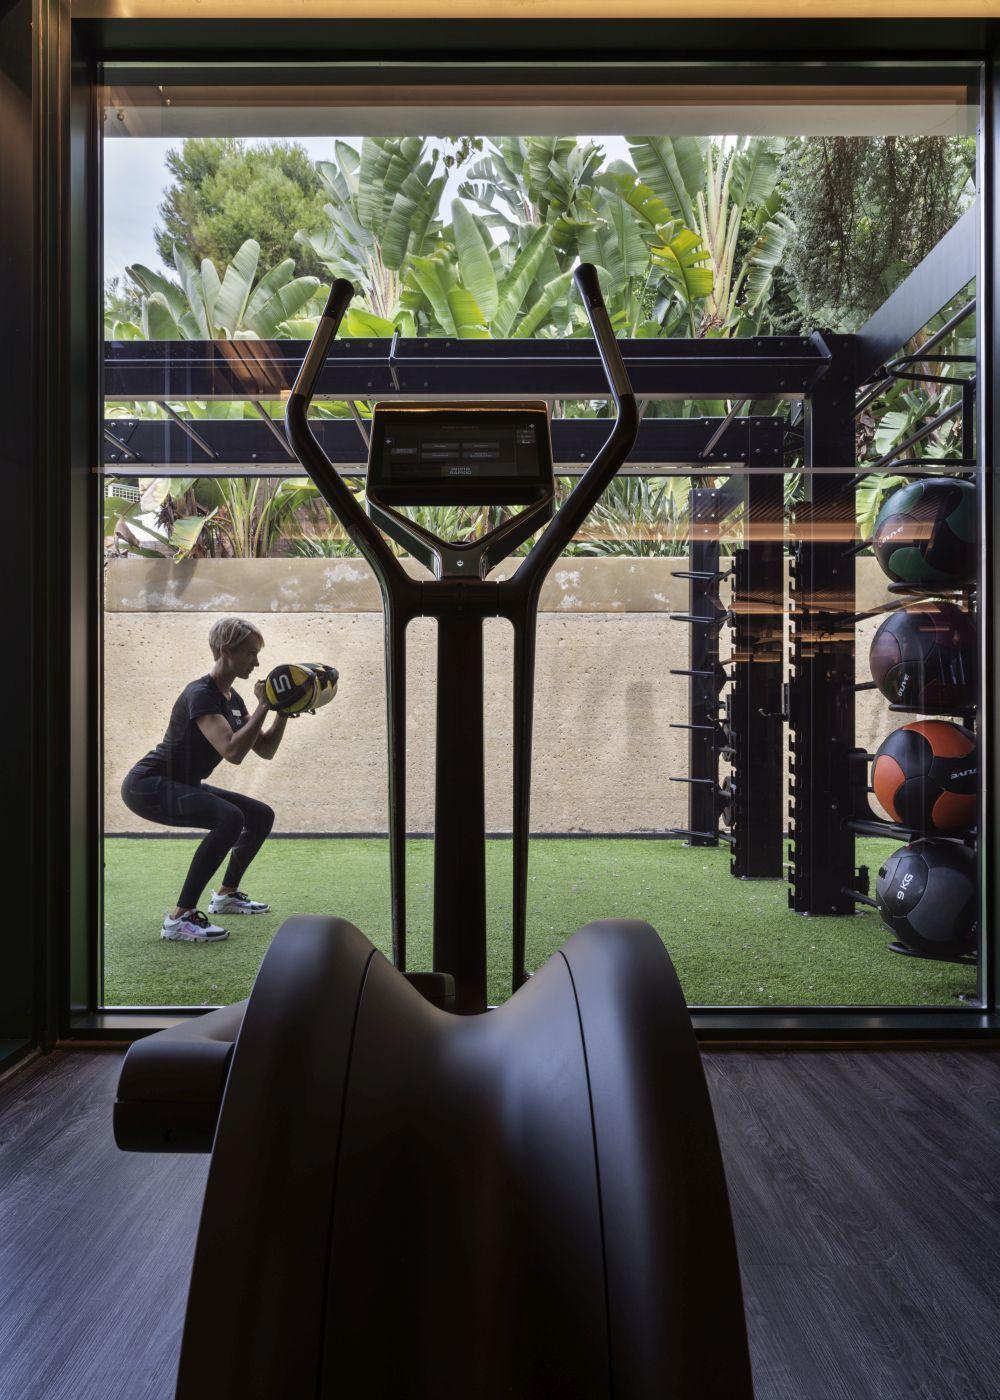 En Sha Wellness Clinic existe un equipo de entrenadores personales que guían al huésped en el entrenamiento para que alcance sus objetivos.